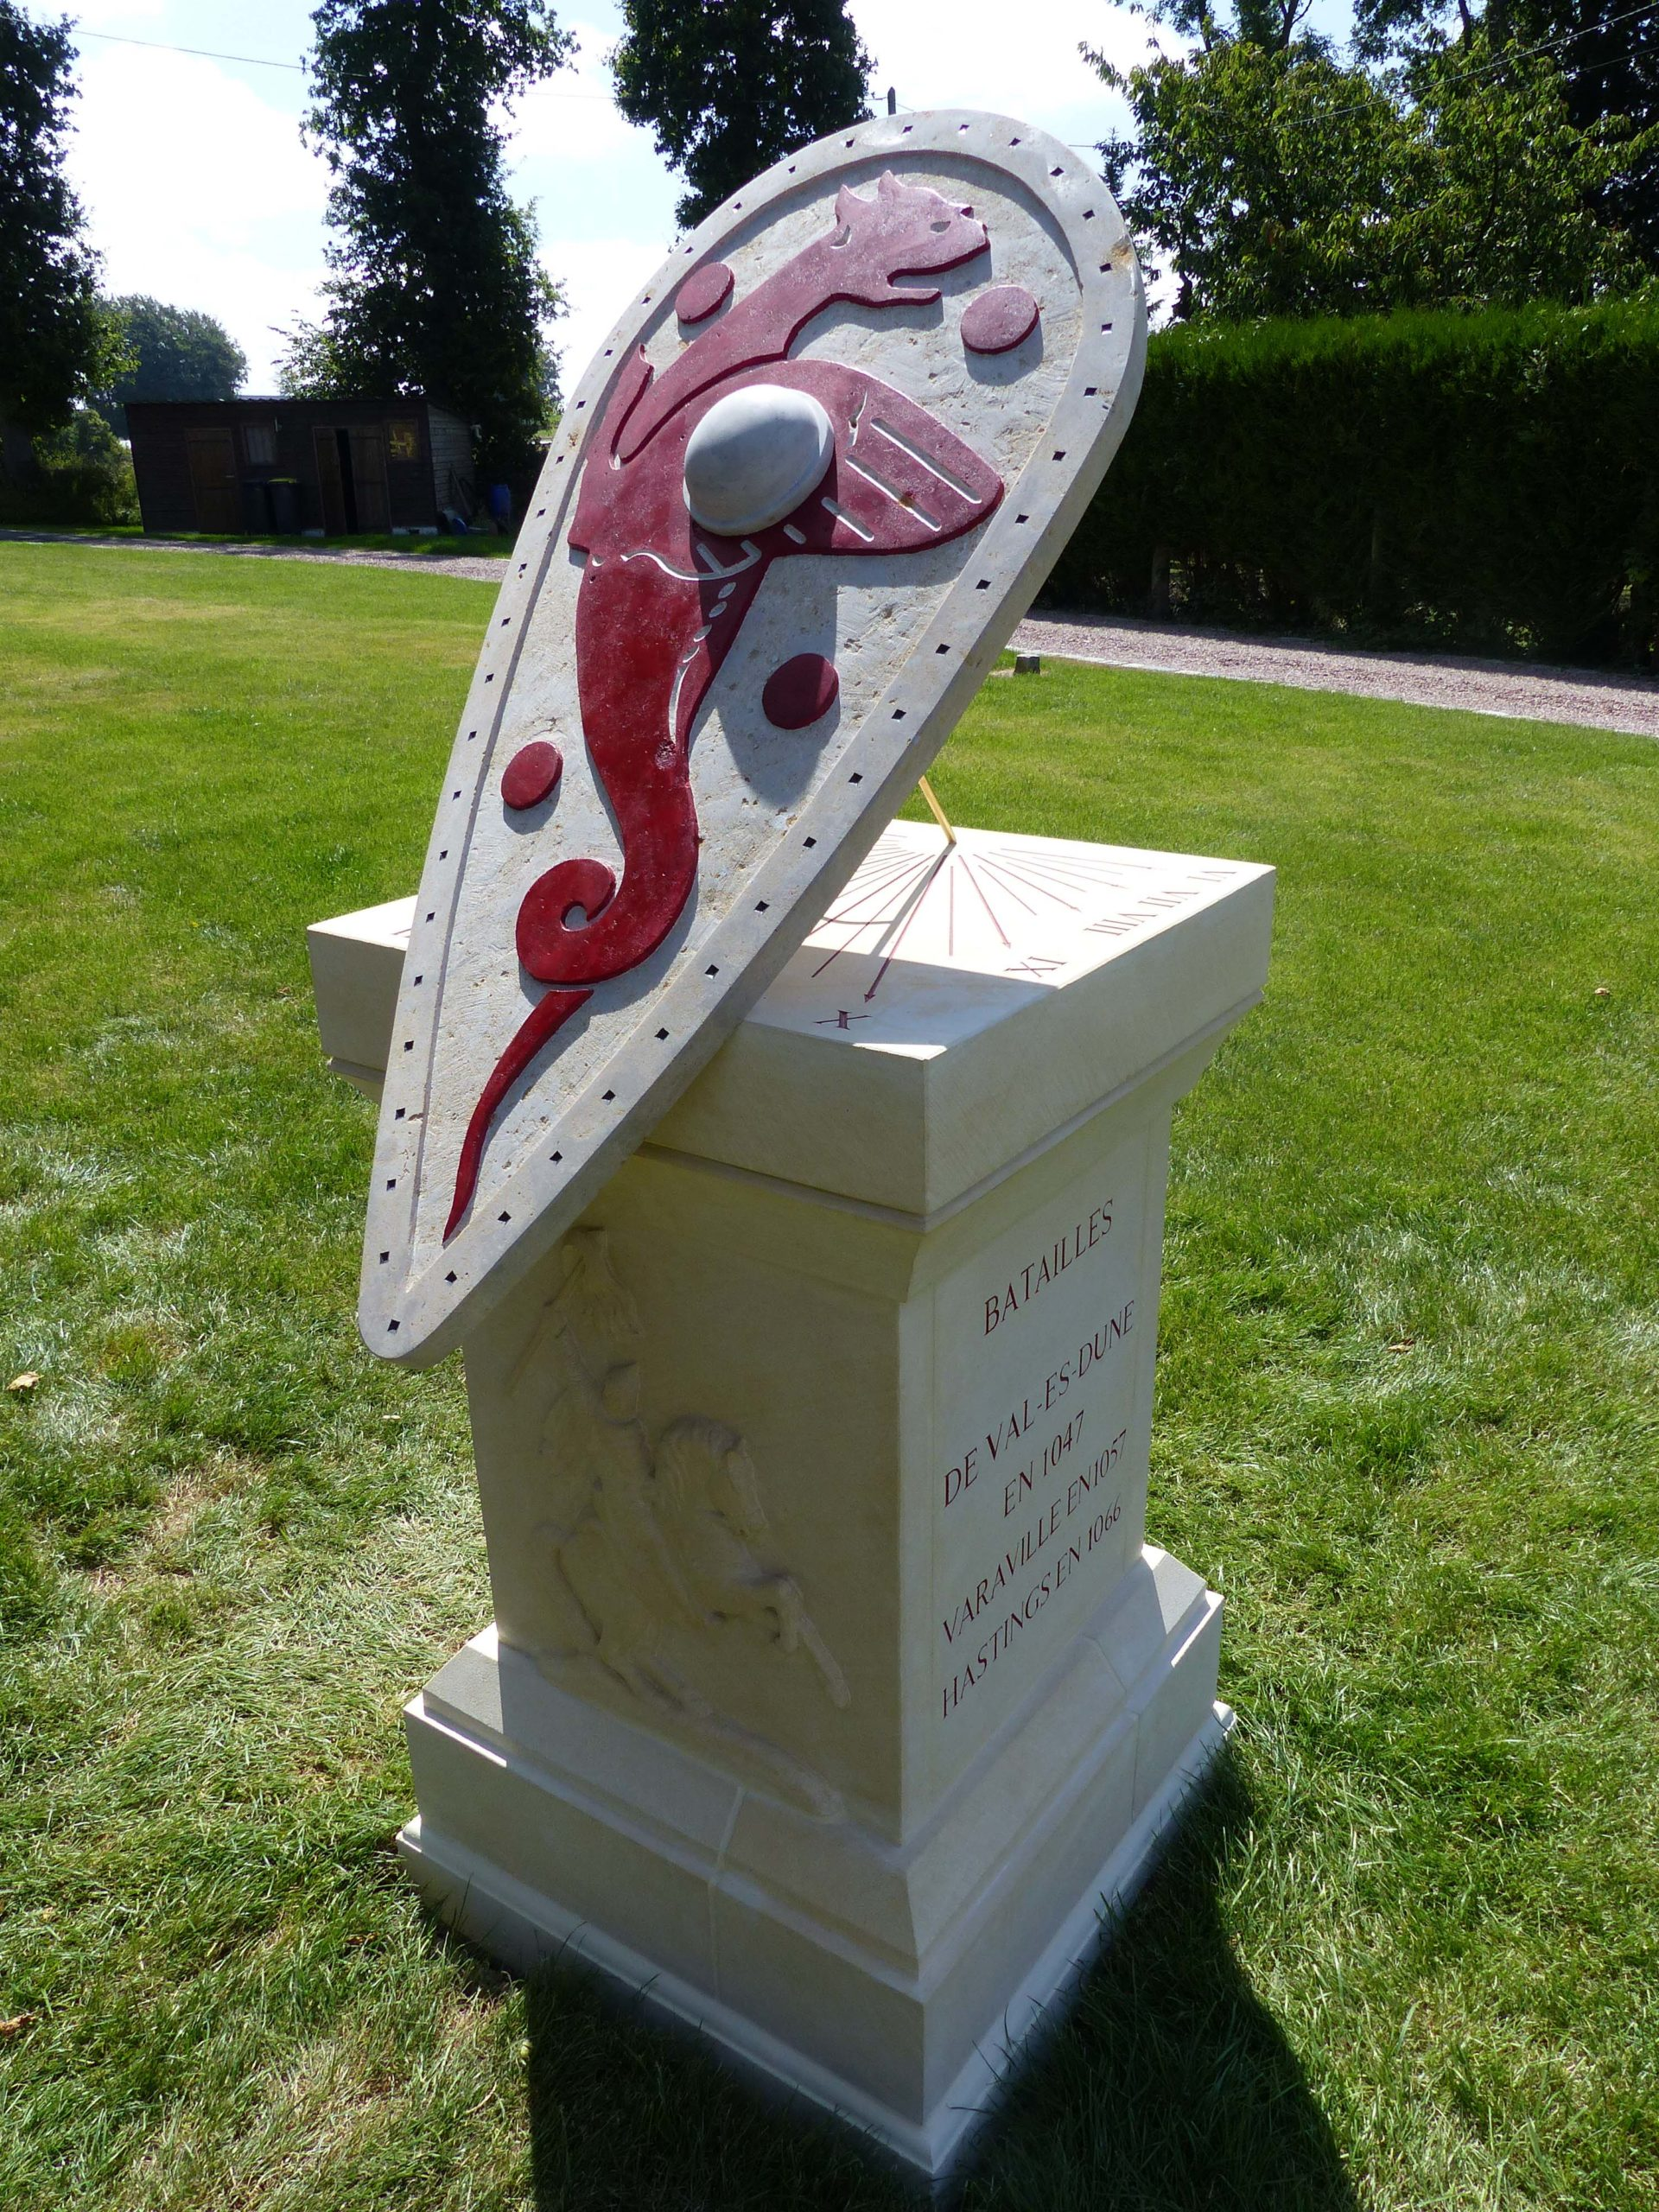 Cadran solaire en pierre de Caen et bourgogne.Sculpture de Guillaume le conquérant sur son cheval, gravure sur le socle de texte en latin. Couleur de la gravure rouge sang de bœuf.